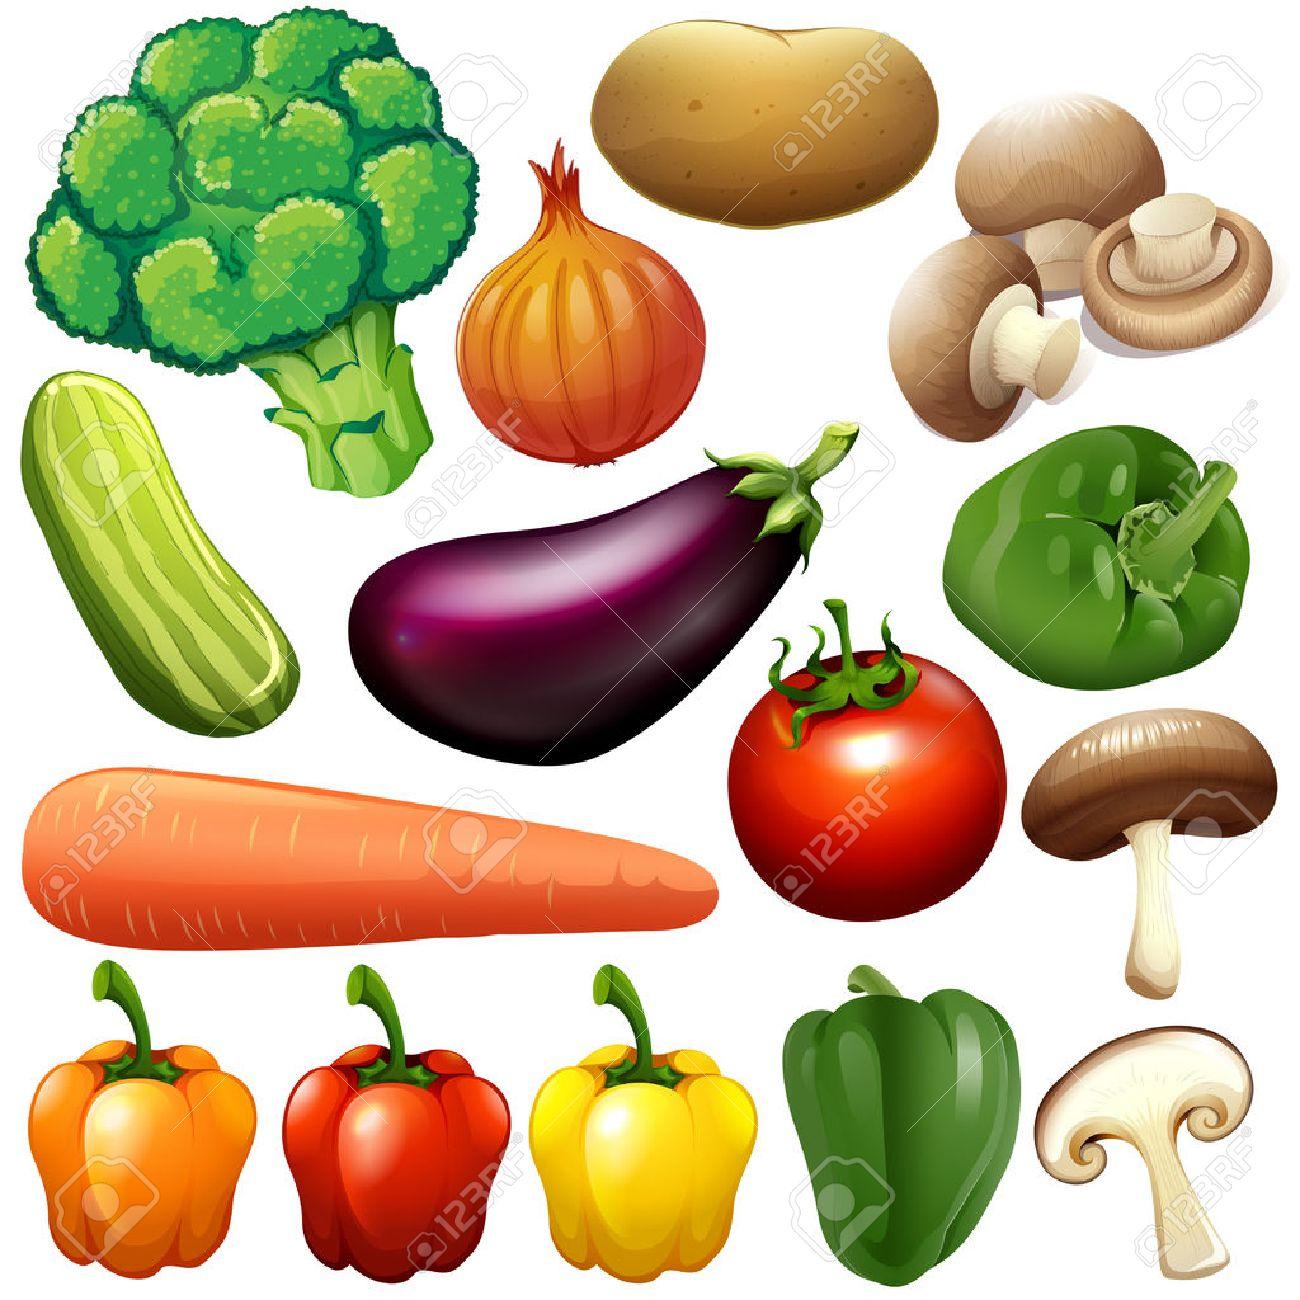 Different kind of fresh vegetables illustration - 44789429